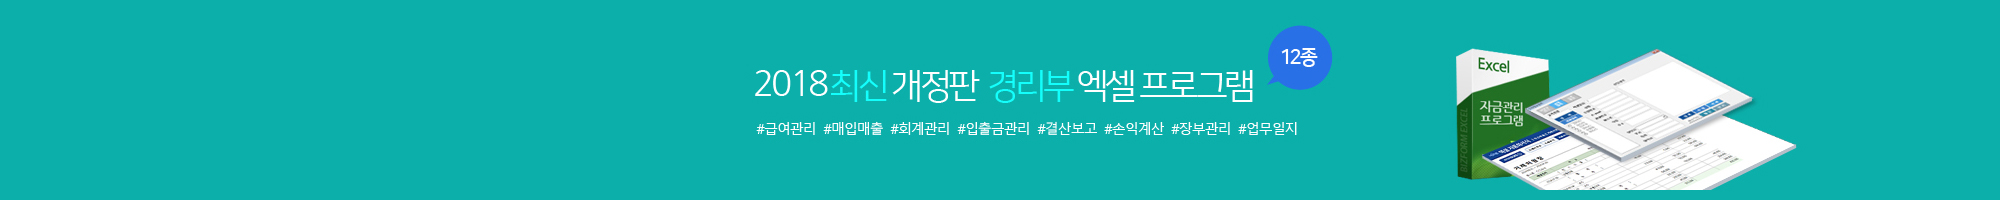 비즈폼_매거진_상단_2017경리부엑셀